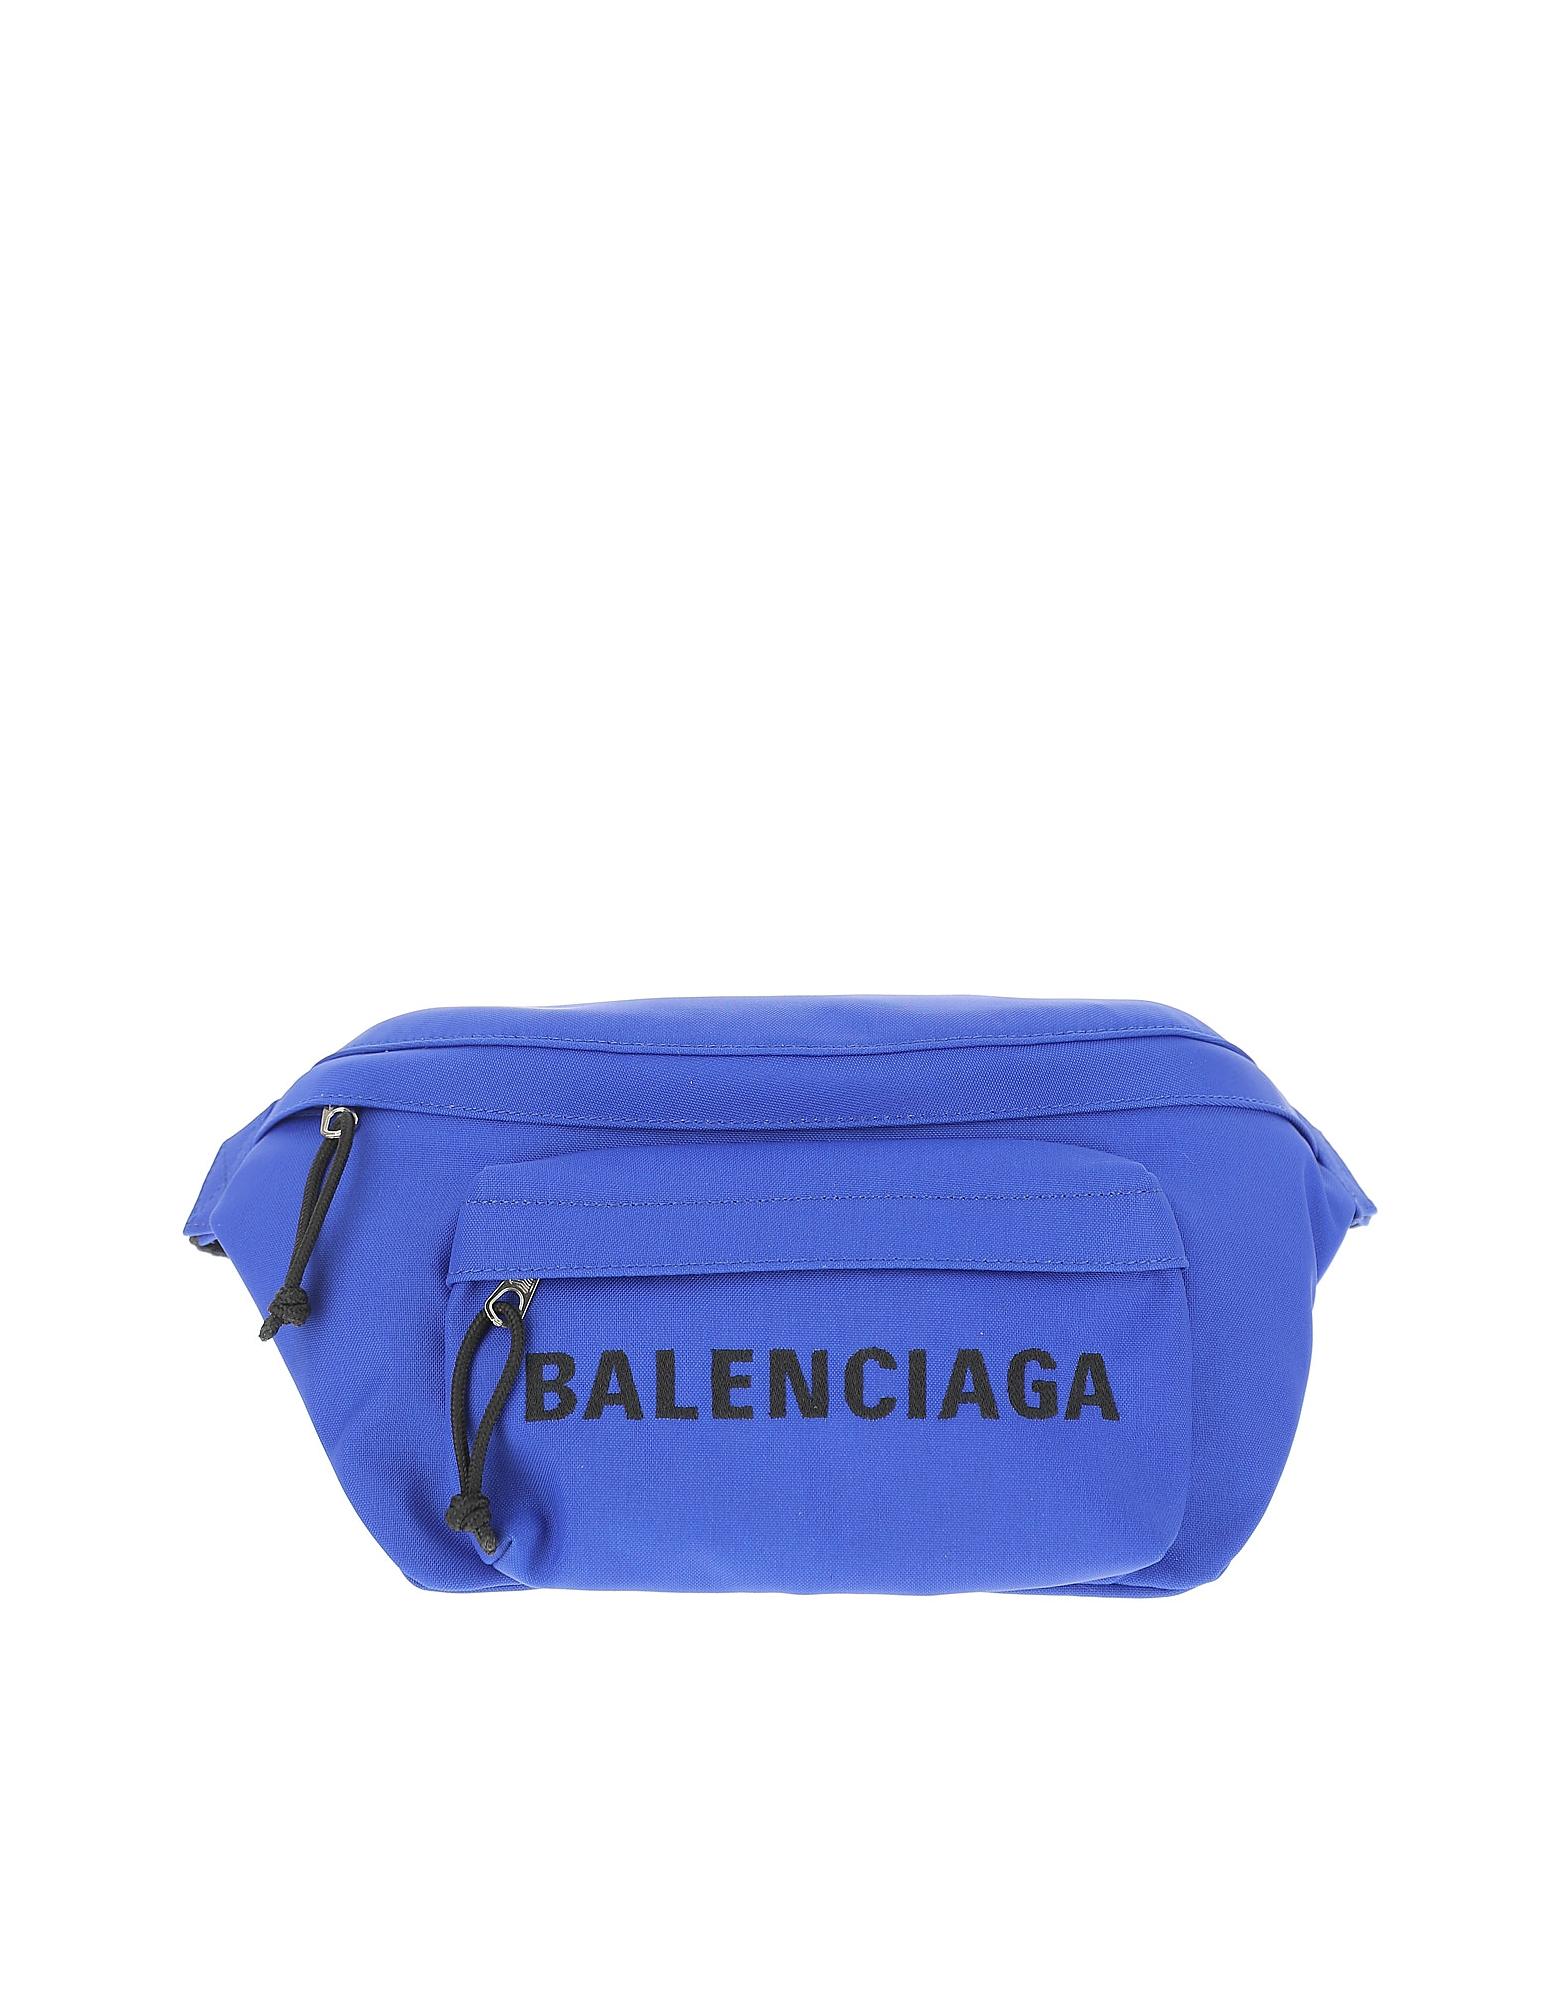 Balenciaga Designer Men's Bags, Blue Signature Belt BAg